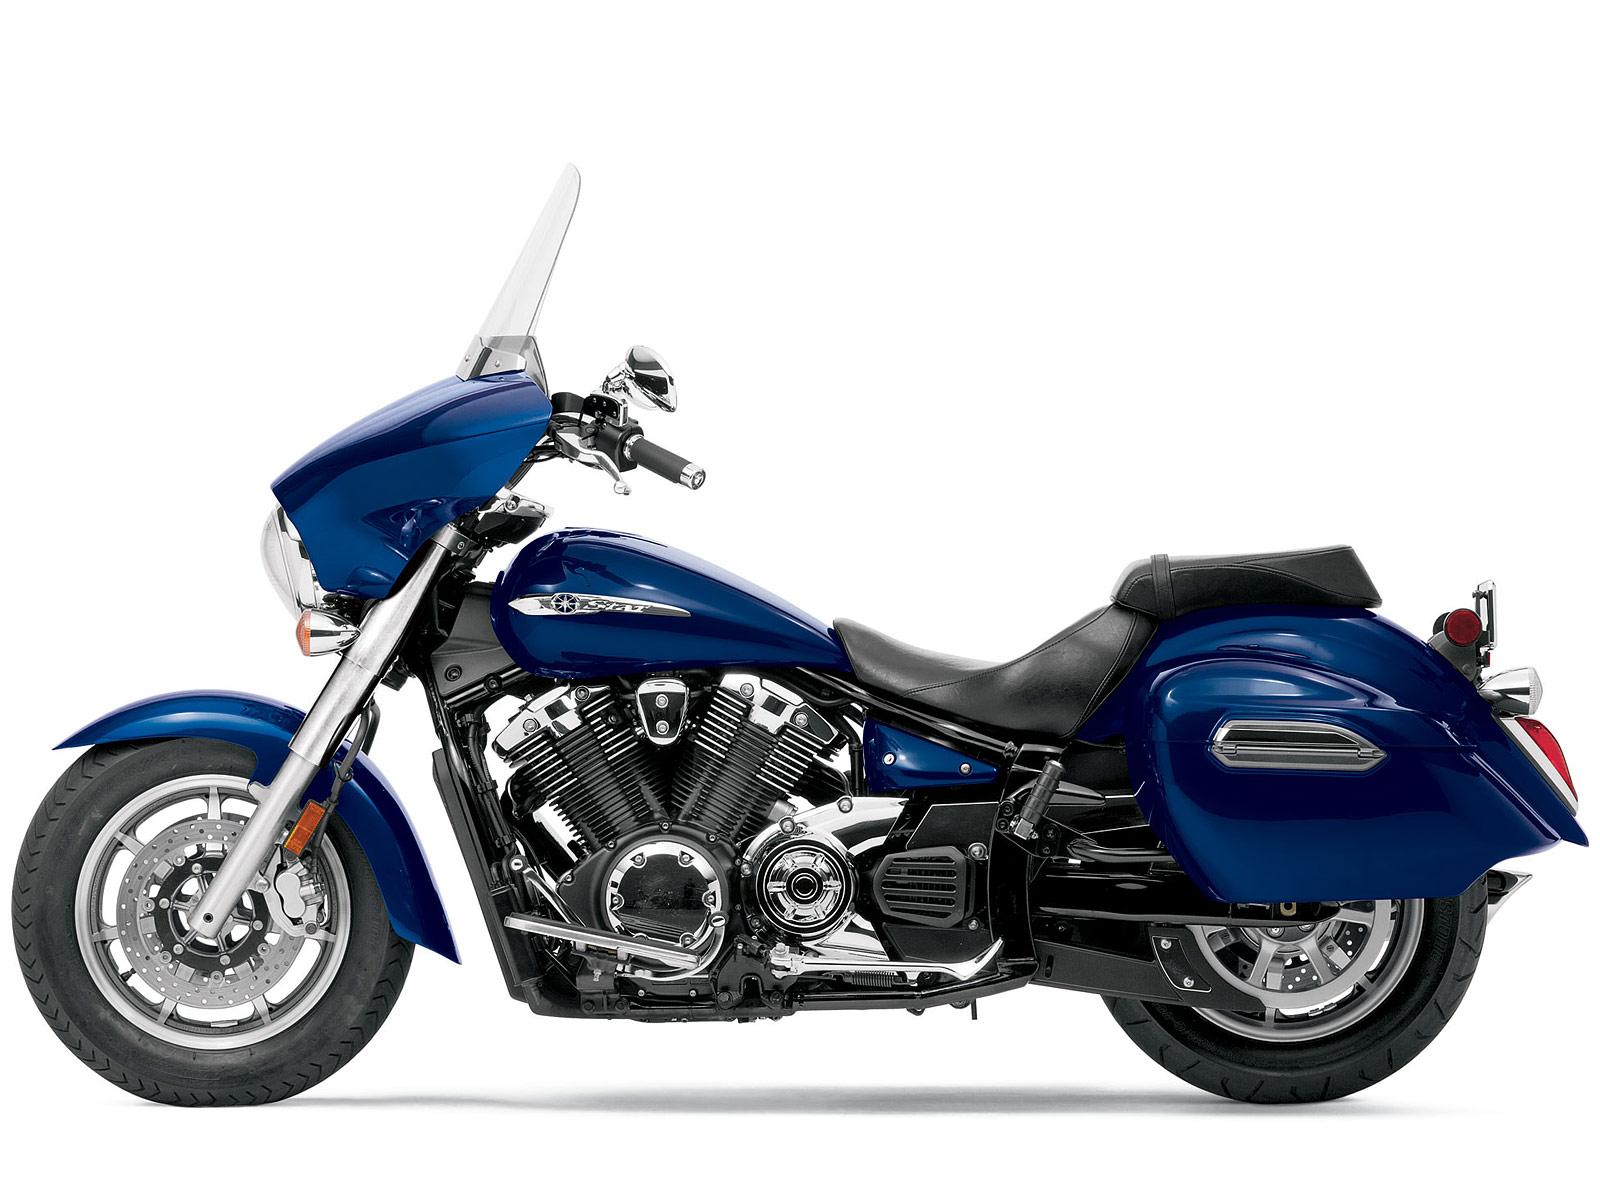 2015 Yamaha Motorcycle Models at Total Motorcycle